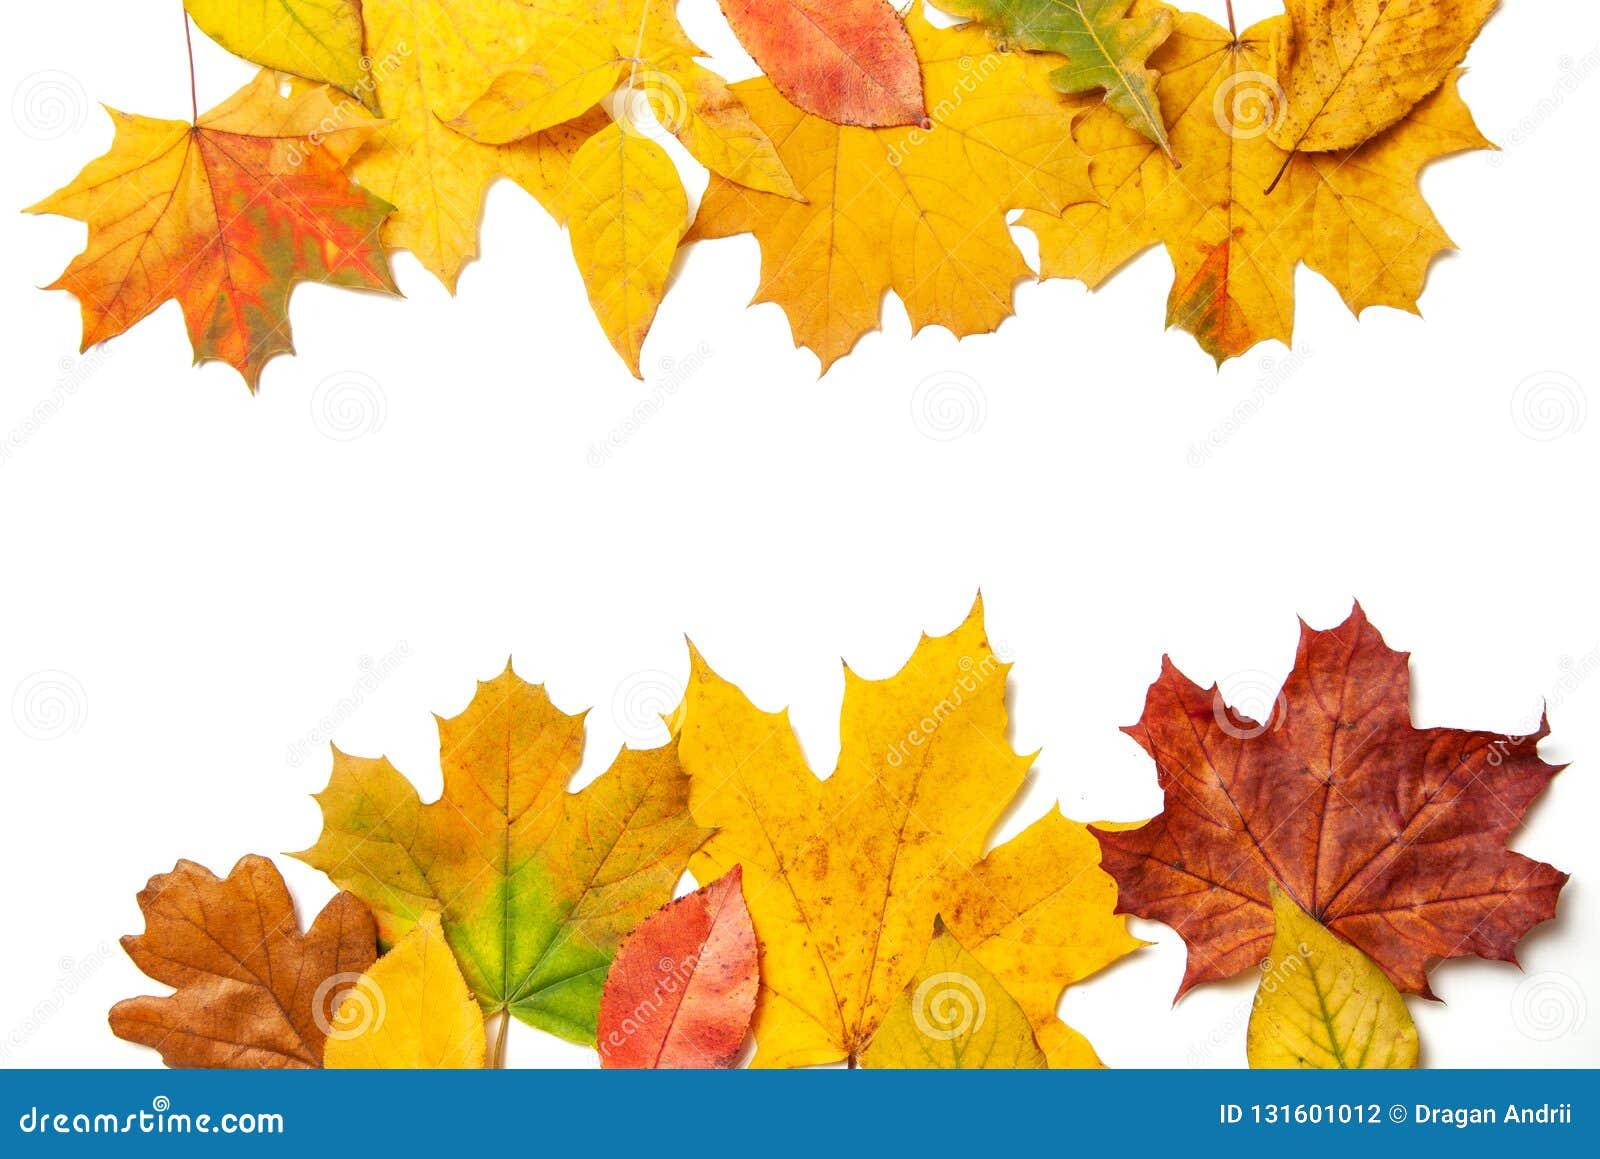 Pagina delle foglie gialle di autunno su fondo isolato bianco Cima di indice di concetto e lettere inferiori Modello